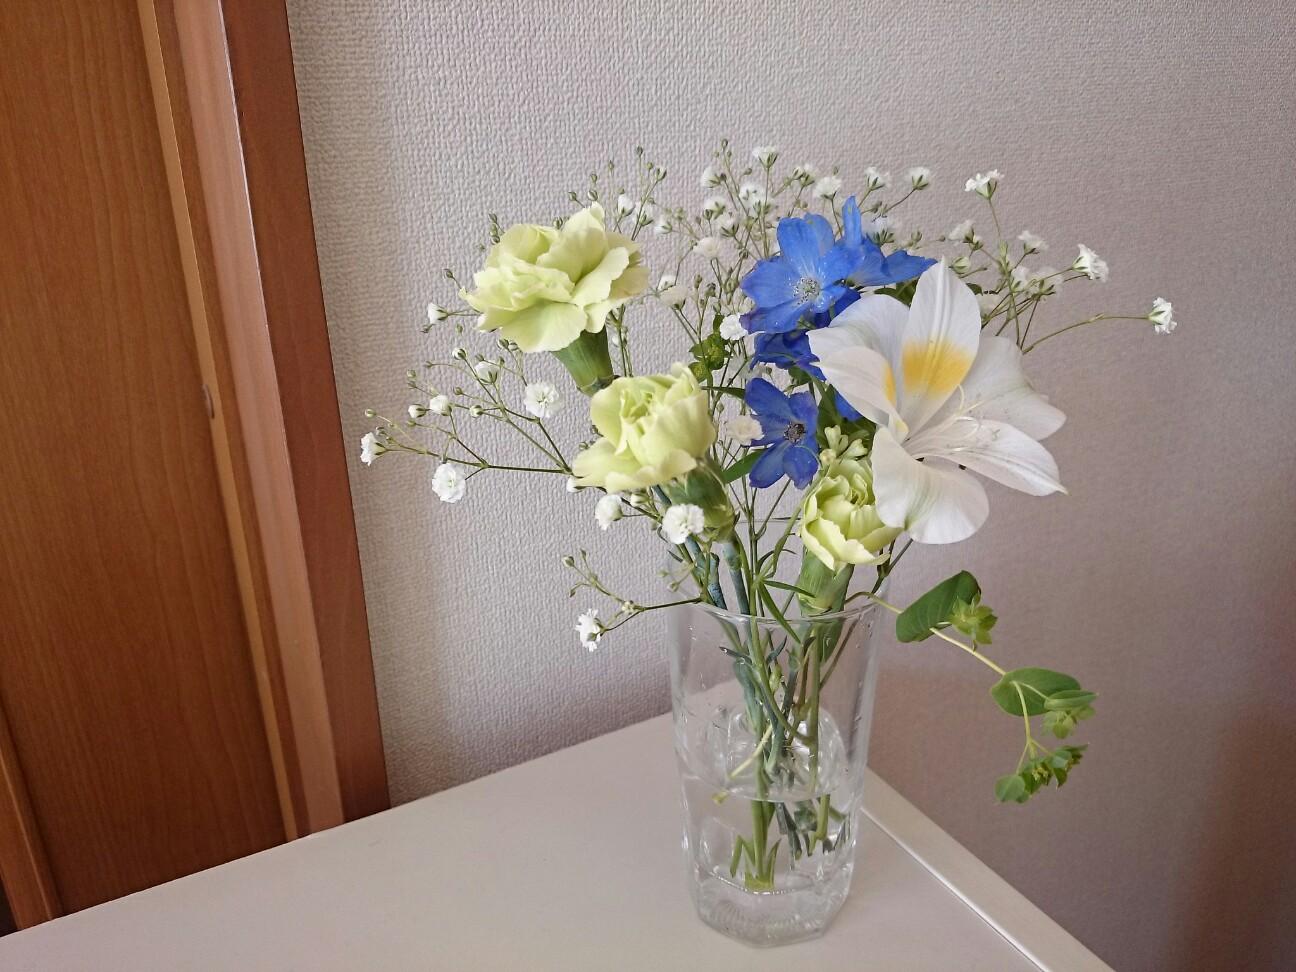 f:id:toutsuki:20200321190549j:image